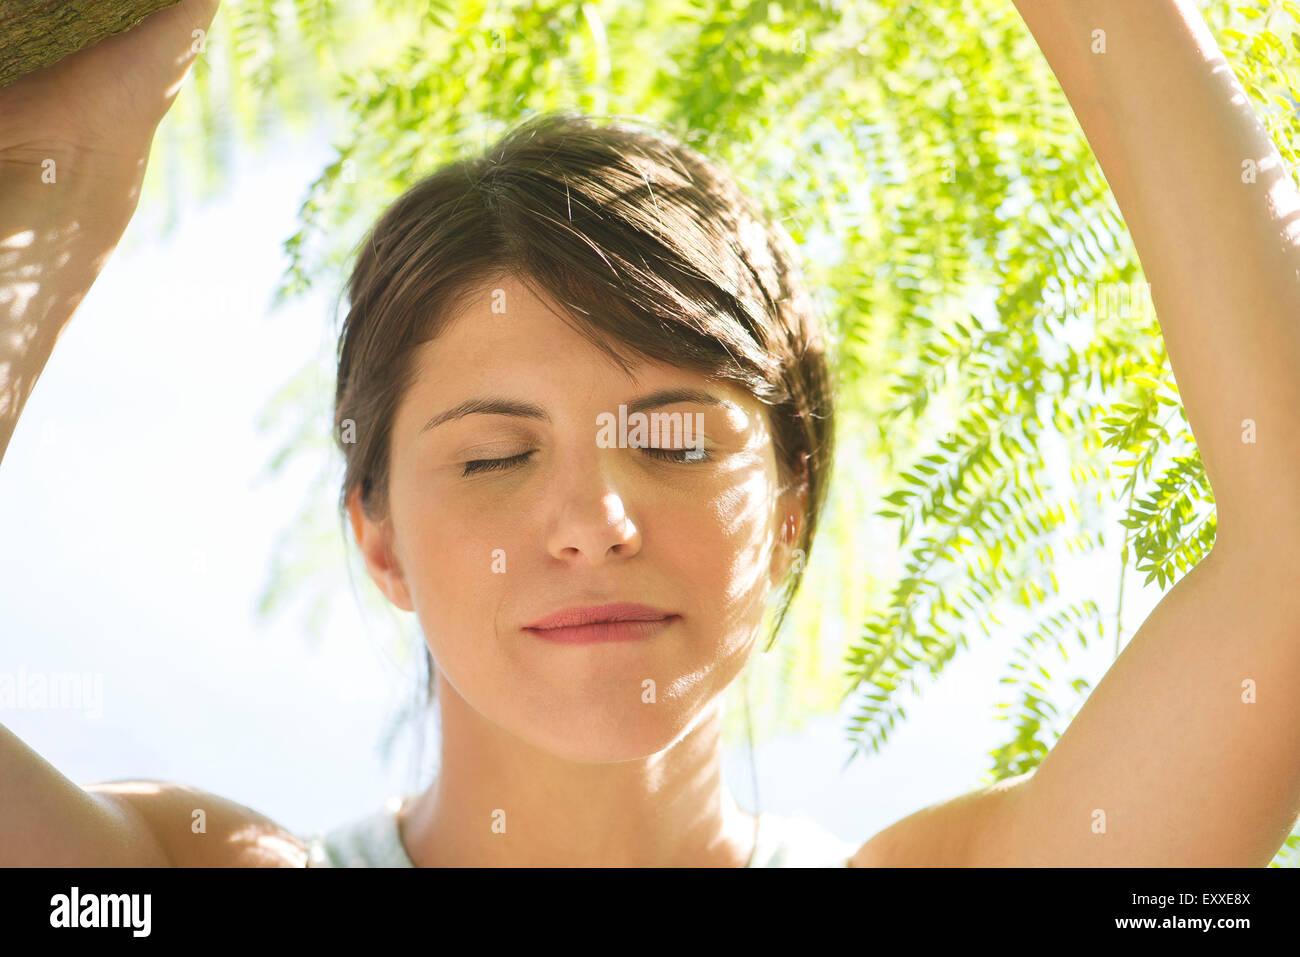 Femme à l'ombre des feuillages, les yeux clos, portrait Photo Stock